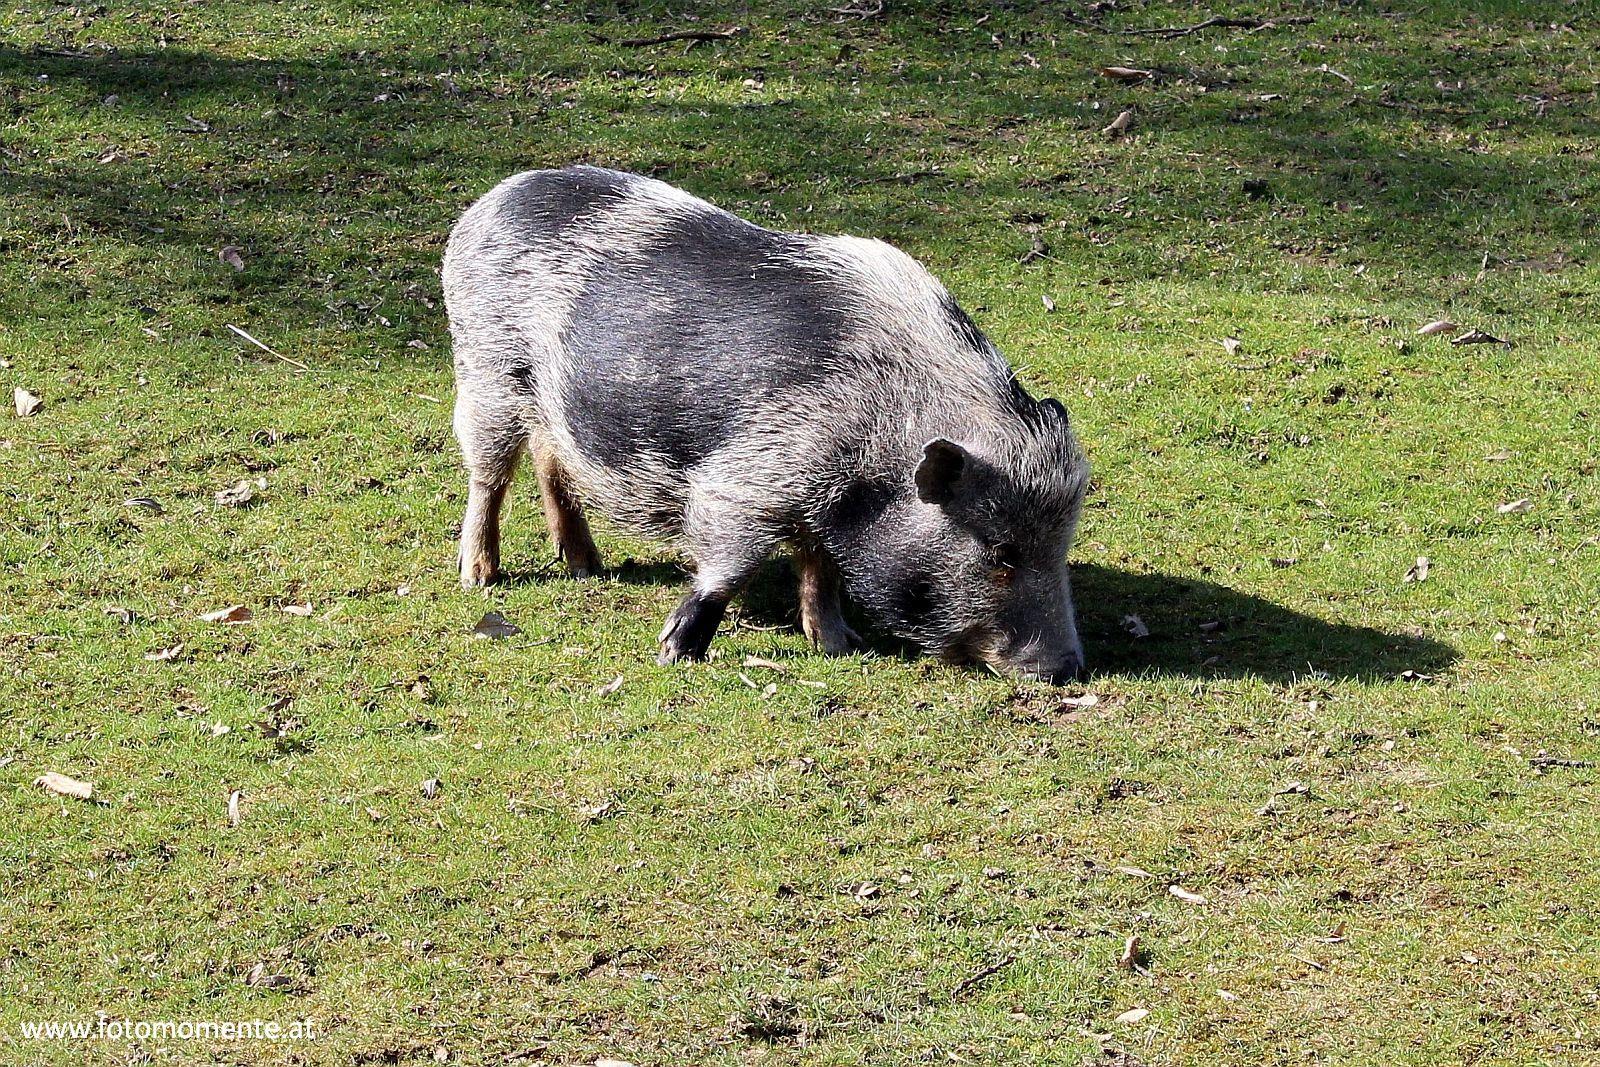 Minischwein - Ein grauschwarzes Schweinchen im Streichelzoo in Herberstein